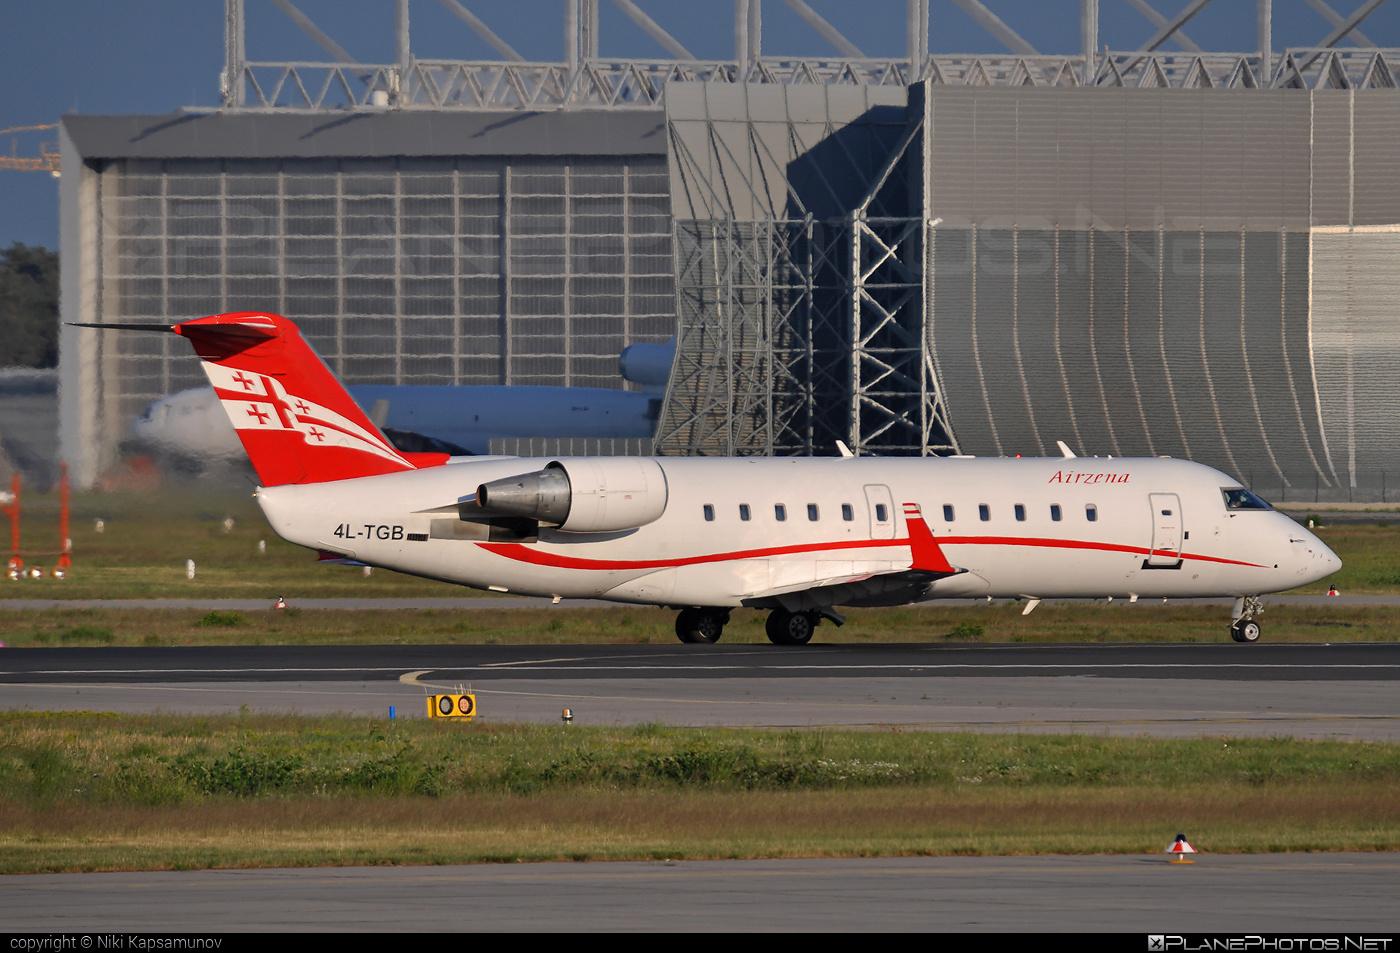 Bombardier CRJ200LR - 4L-TGB operated by Georgian Airways - Airzena #airzena #bombardier #crj200 #crj200lr #georgianairways